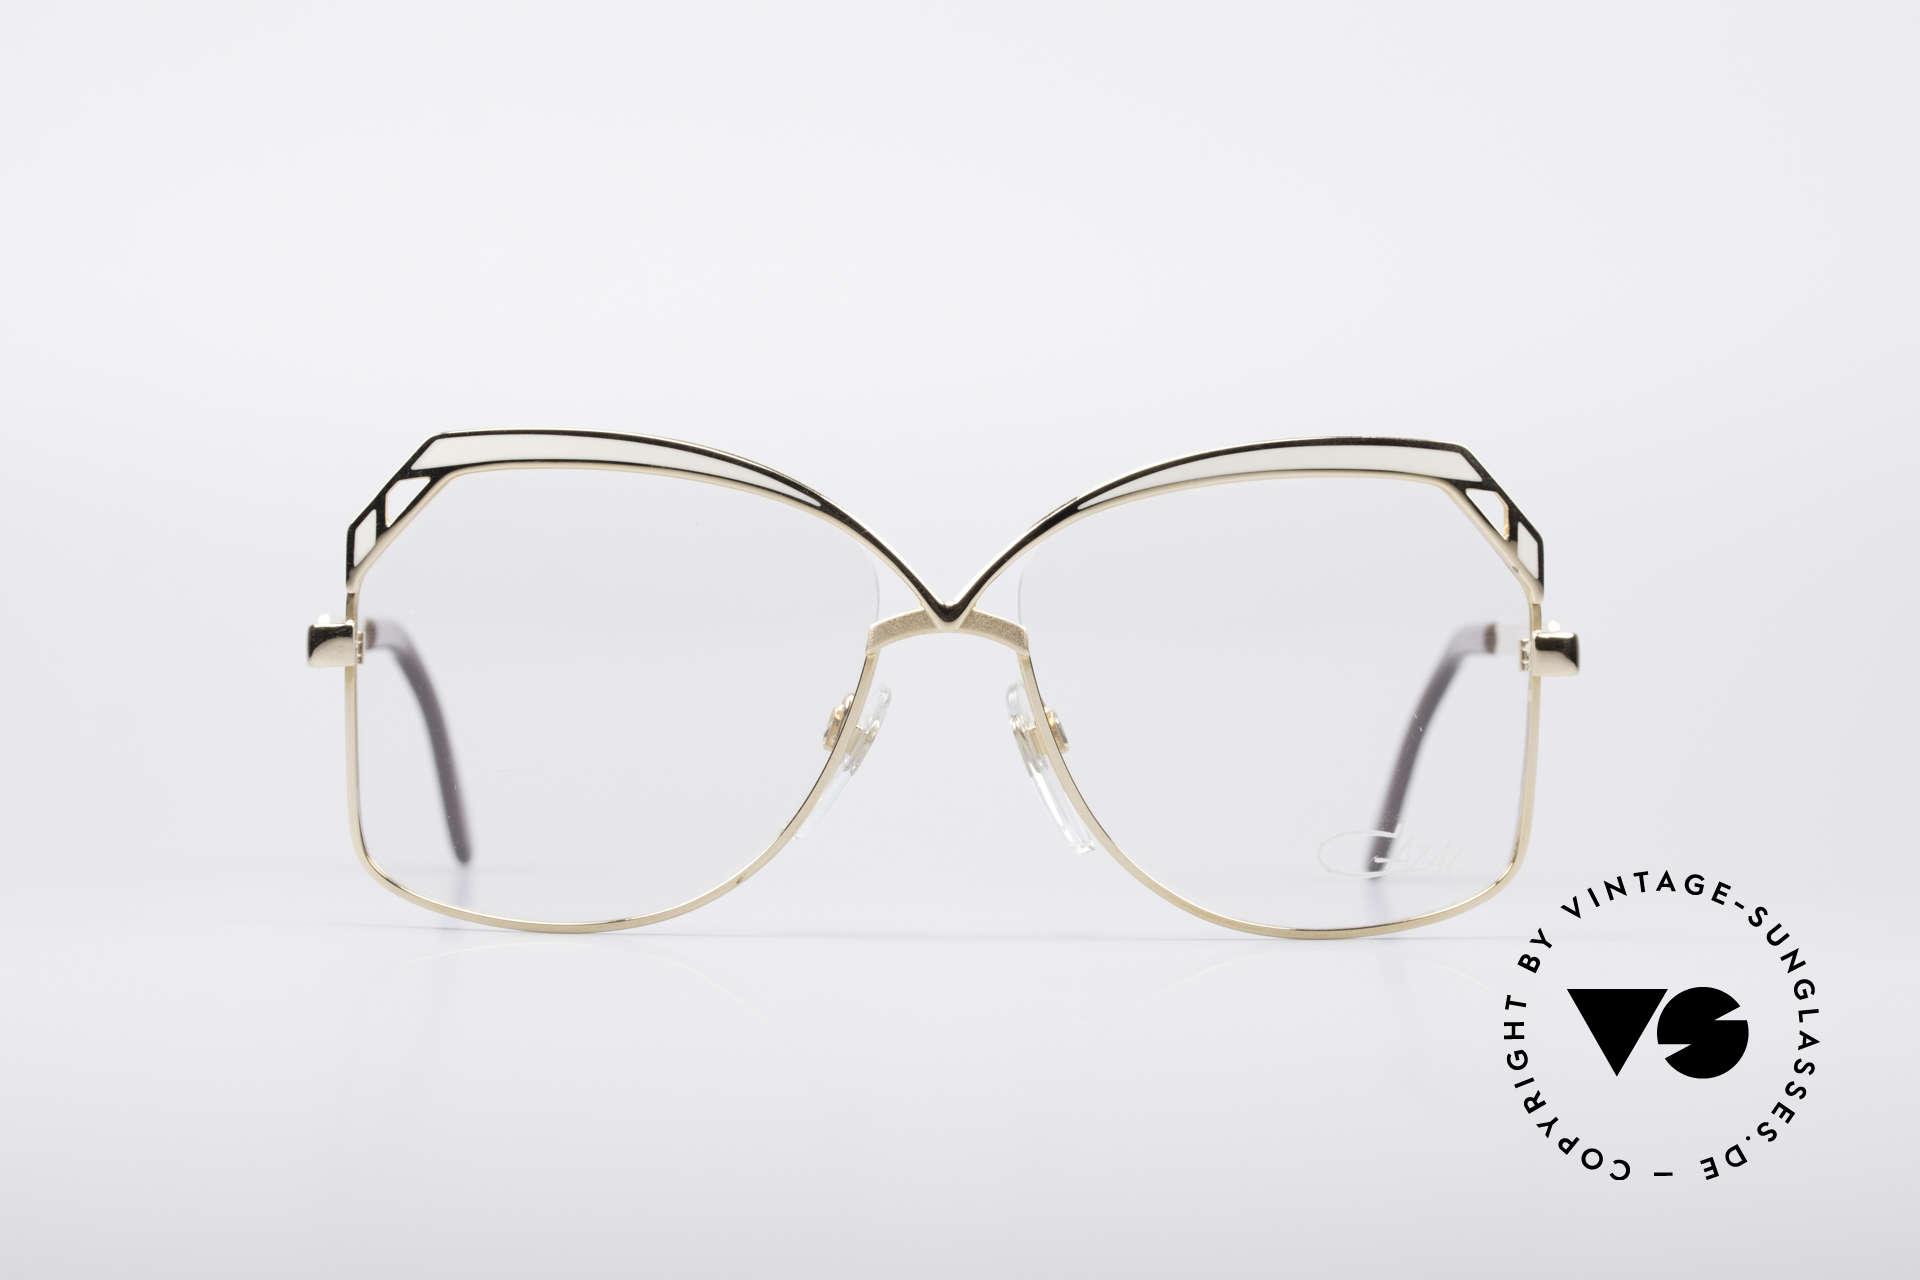 9da50df611a3 Brillen Cazal 219 Echt 80er Vintage Brille